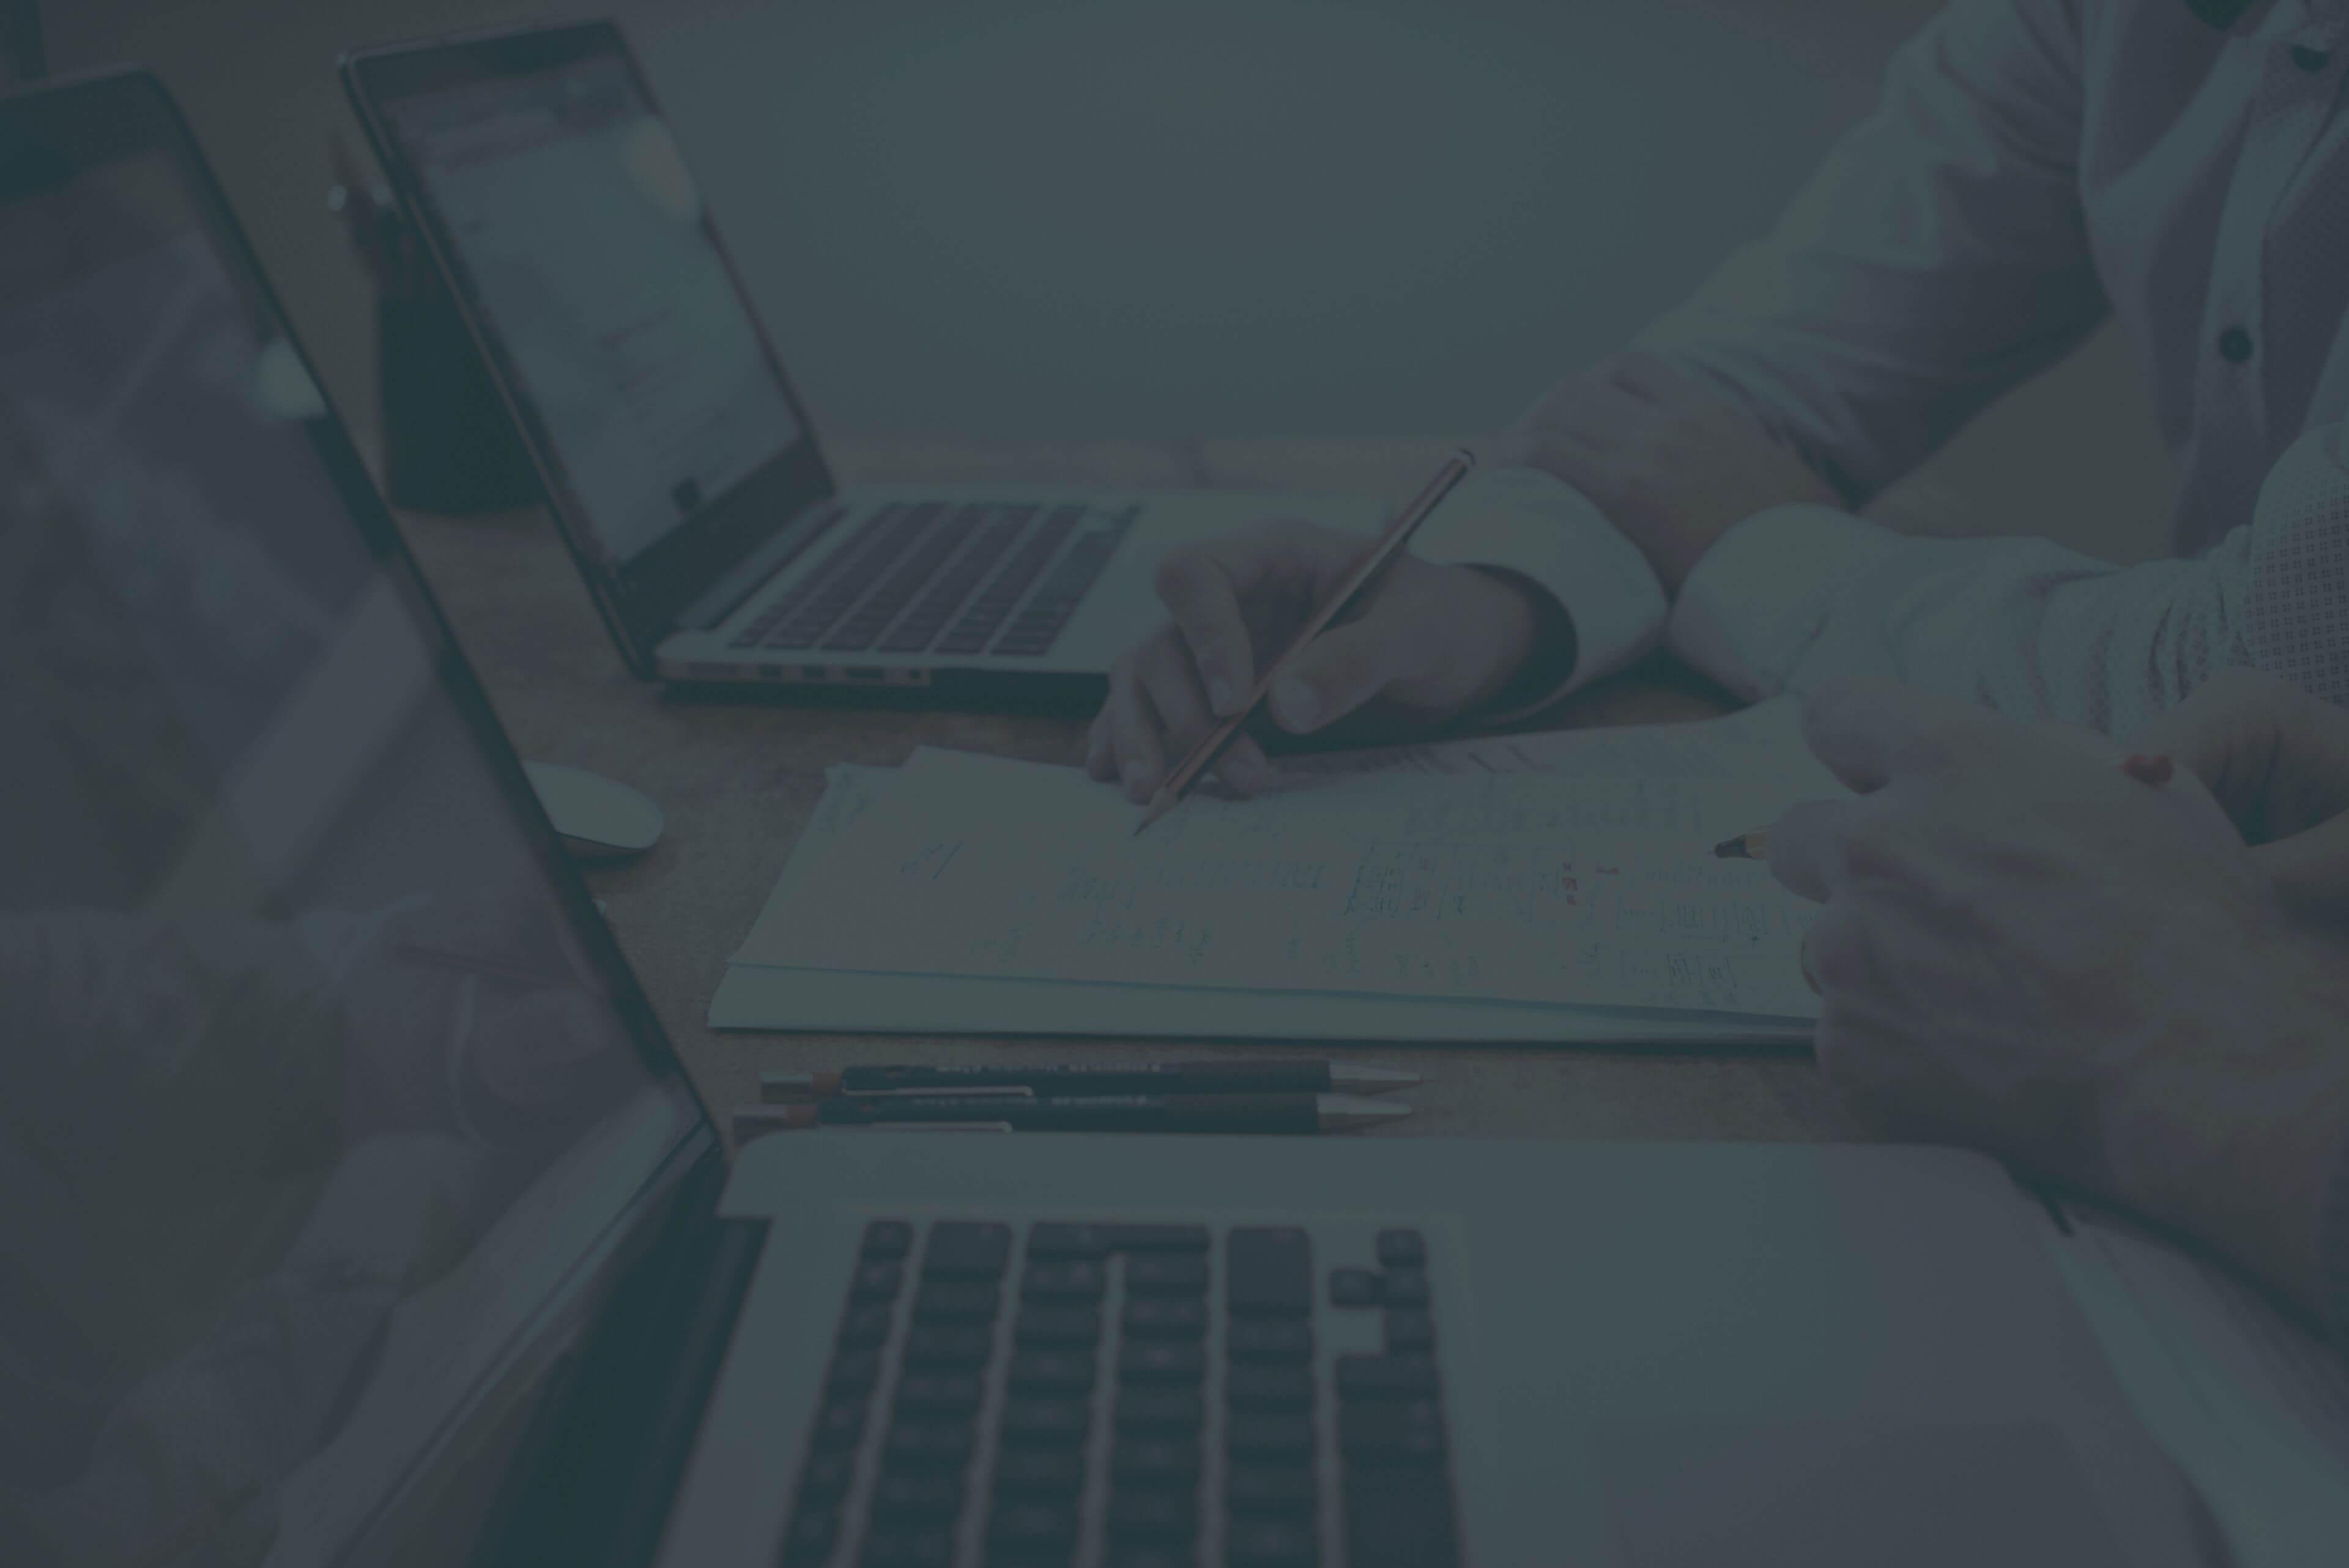 Doradztwo informatyczne i konsulting IT dla firm z Wrocławia